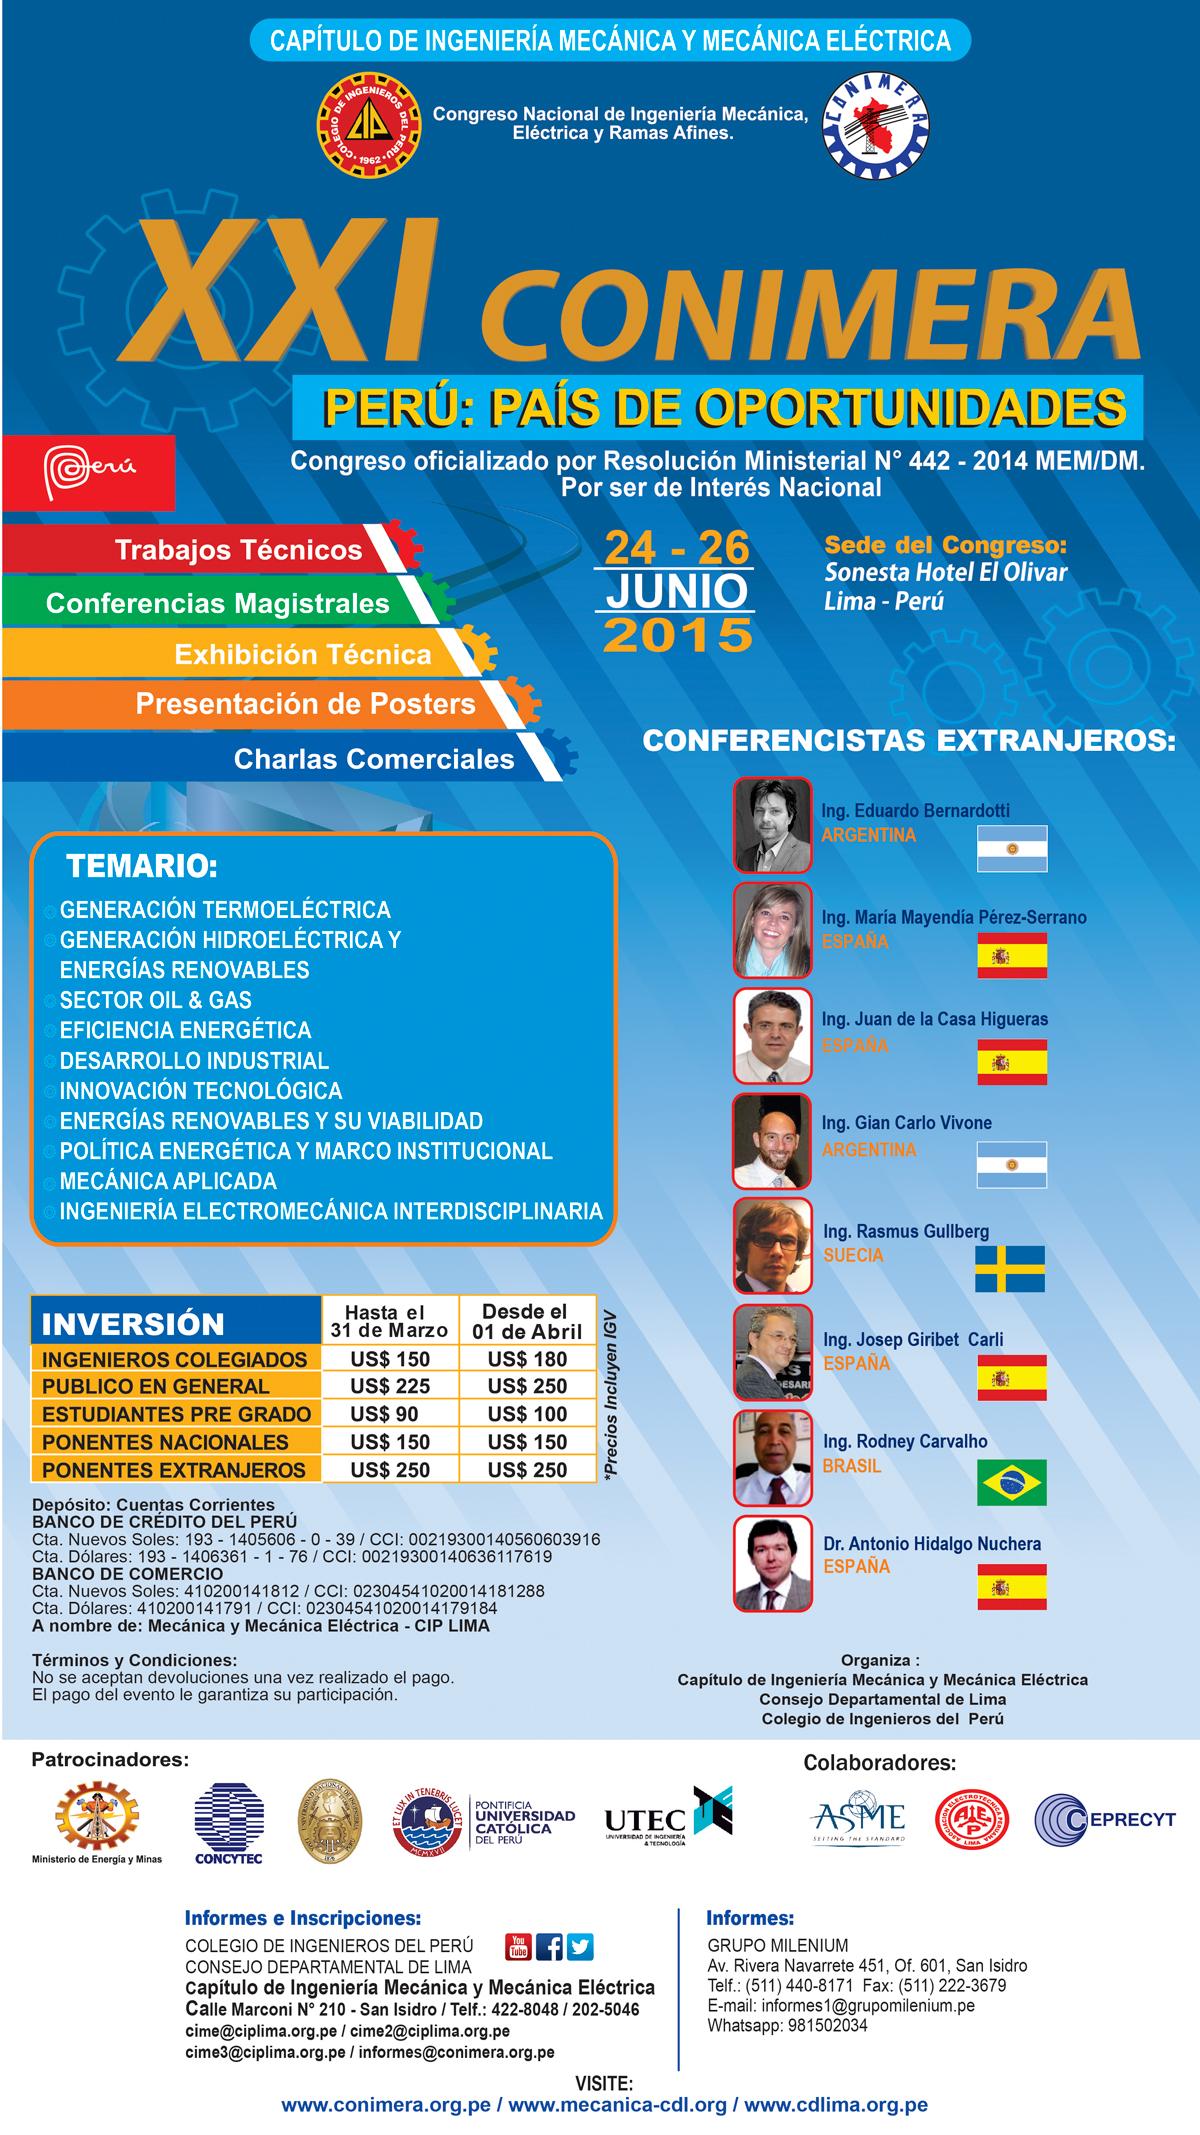 XXI Congreso Nacional de Ingeniería Mecánica y Mecánica Eléctrica